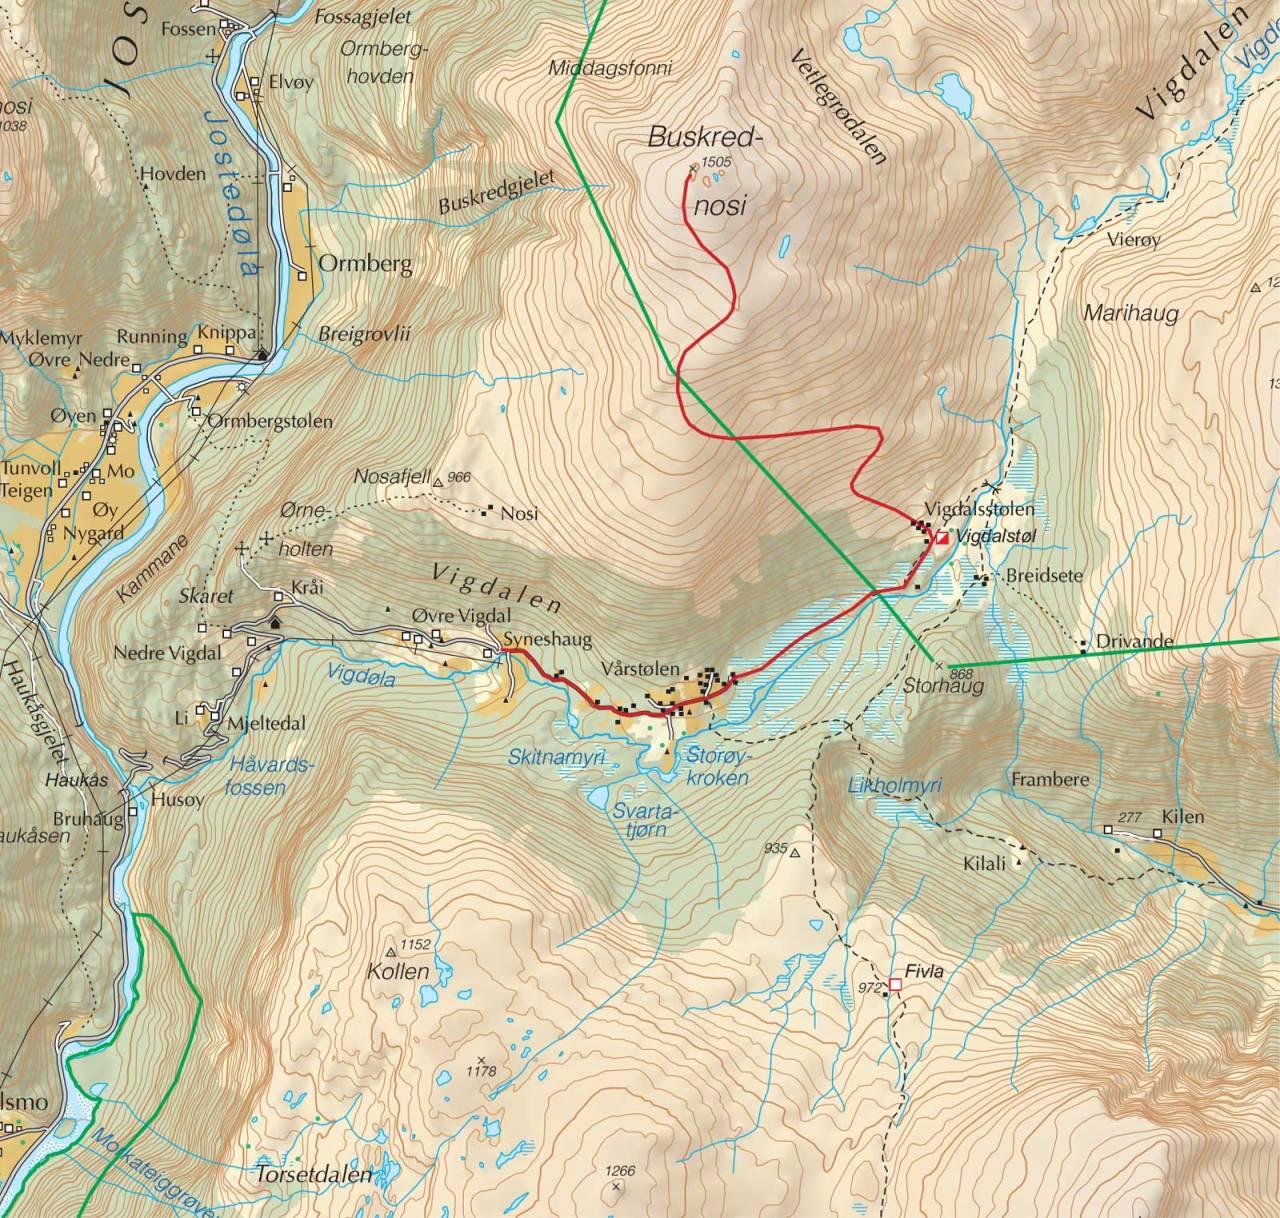 Kart over Buskrednosi med inntegnet rute. Fra Trygge toppturer.